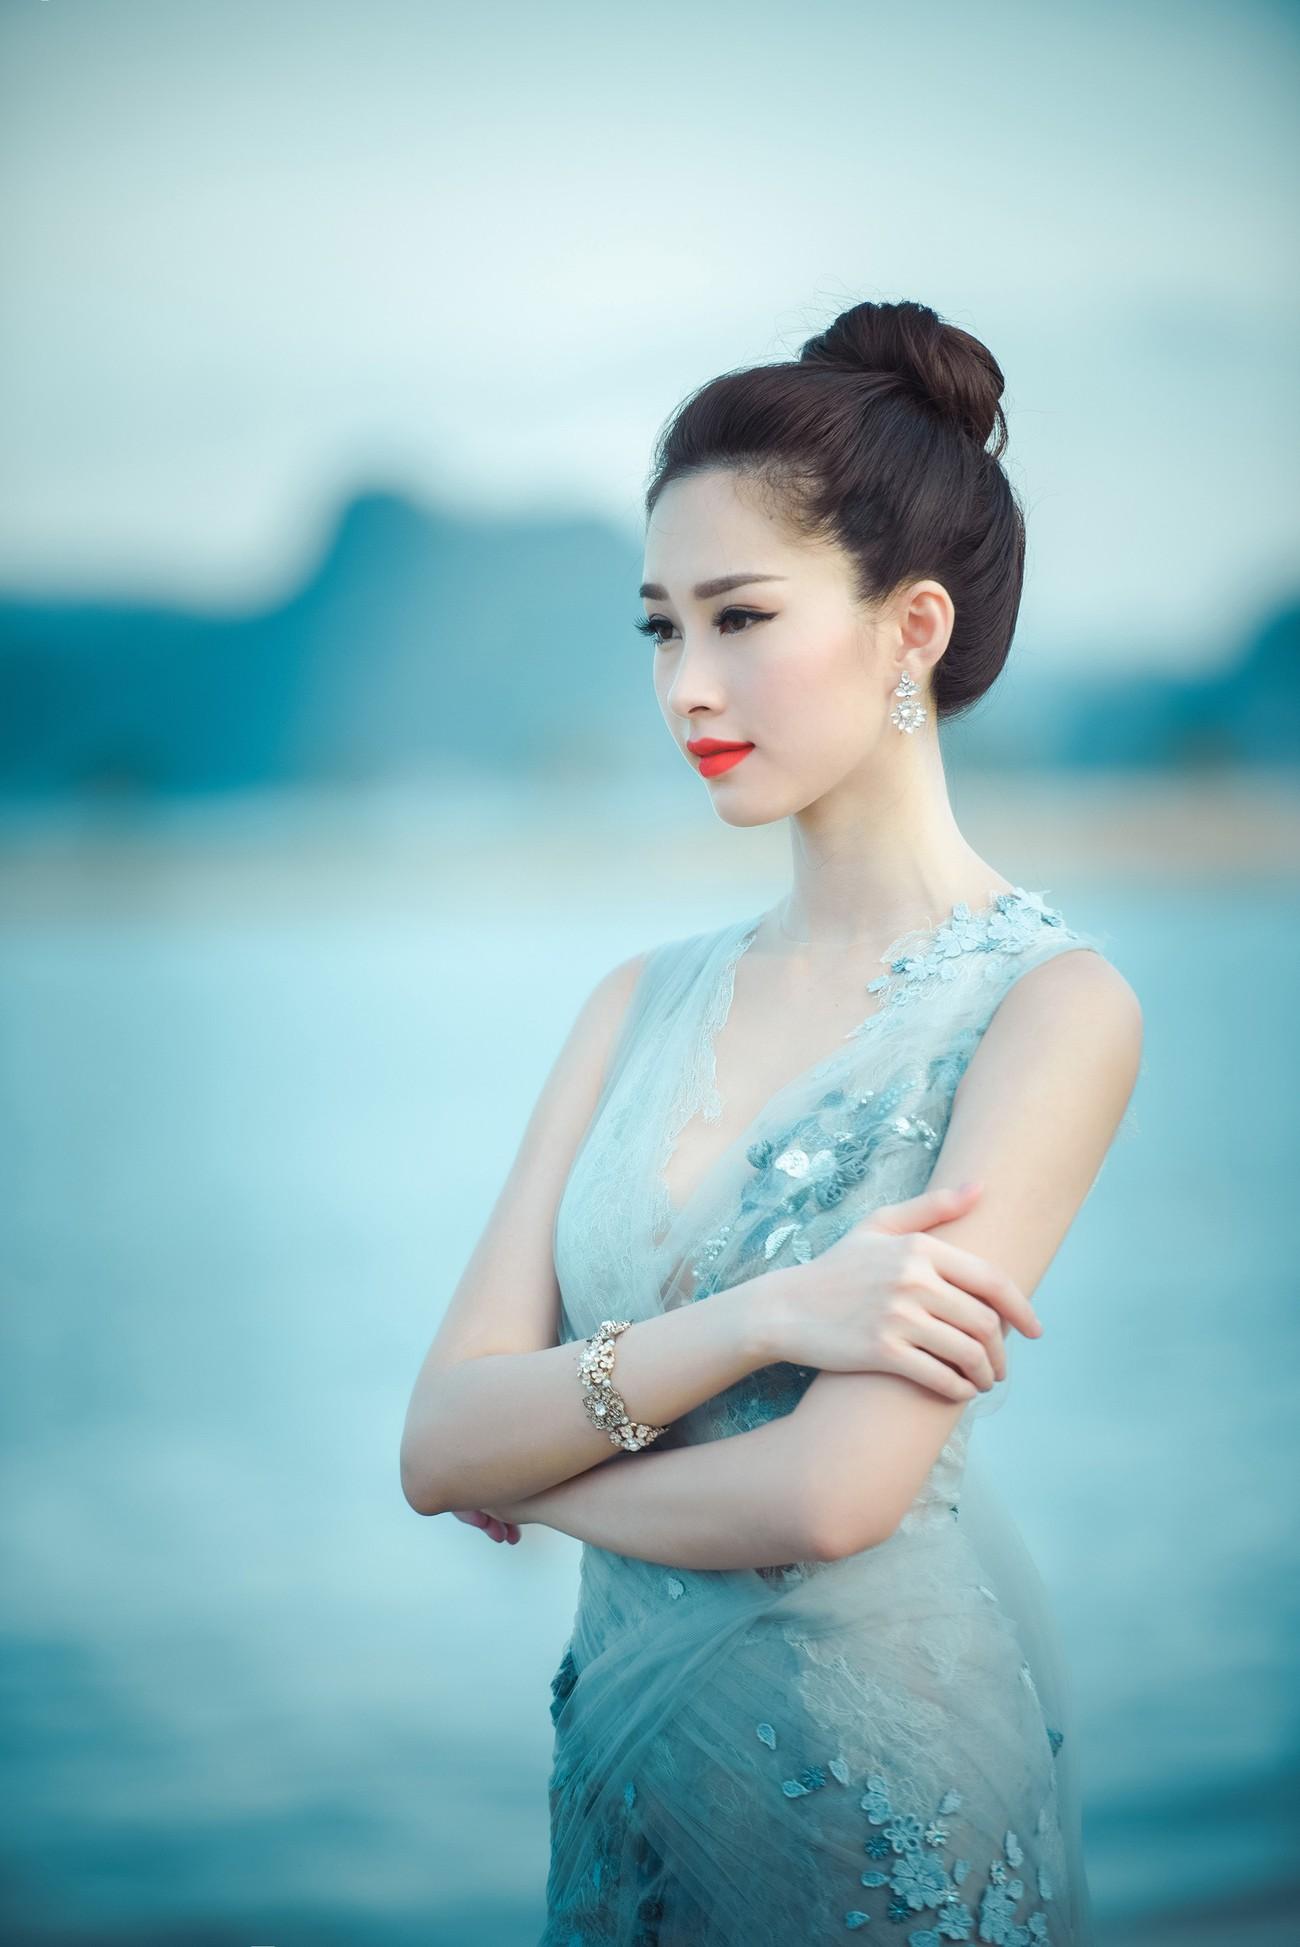 Nhan sắc các người đẹp giành giải 'Gương mặt đẹp nhất' tại Hoa hậu Việt Nam giờ ra sao? ảnh 13